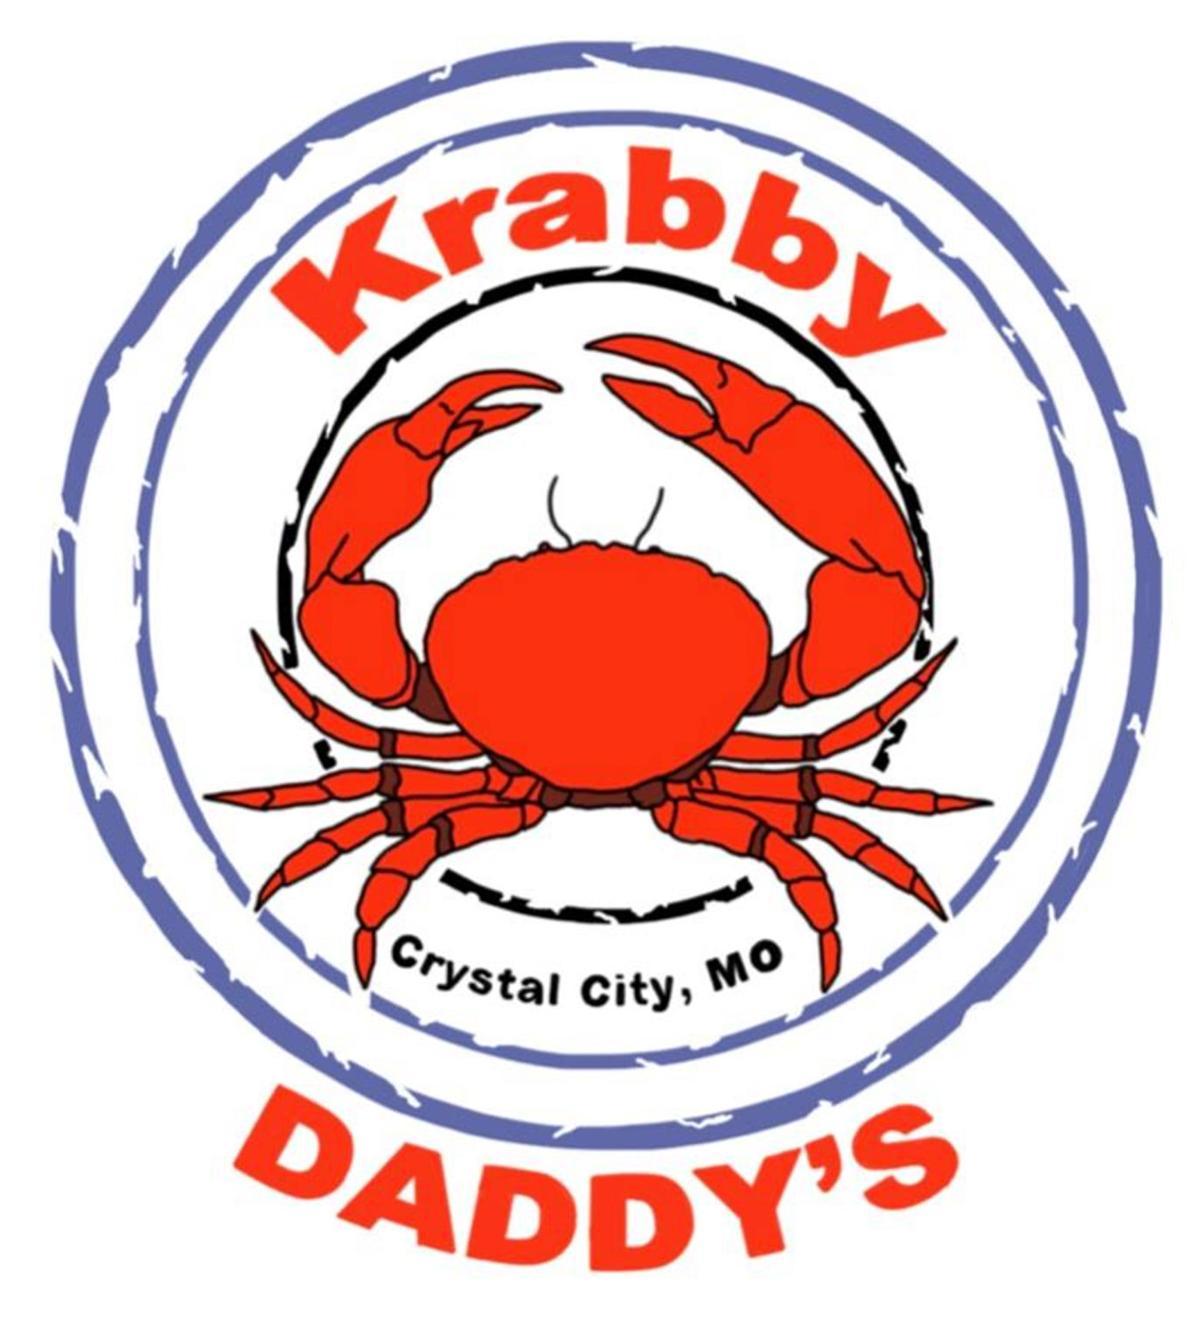 Krabby Daddys logo